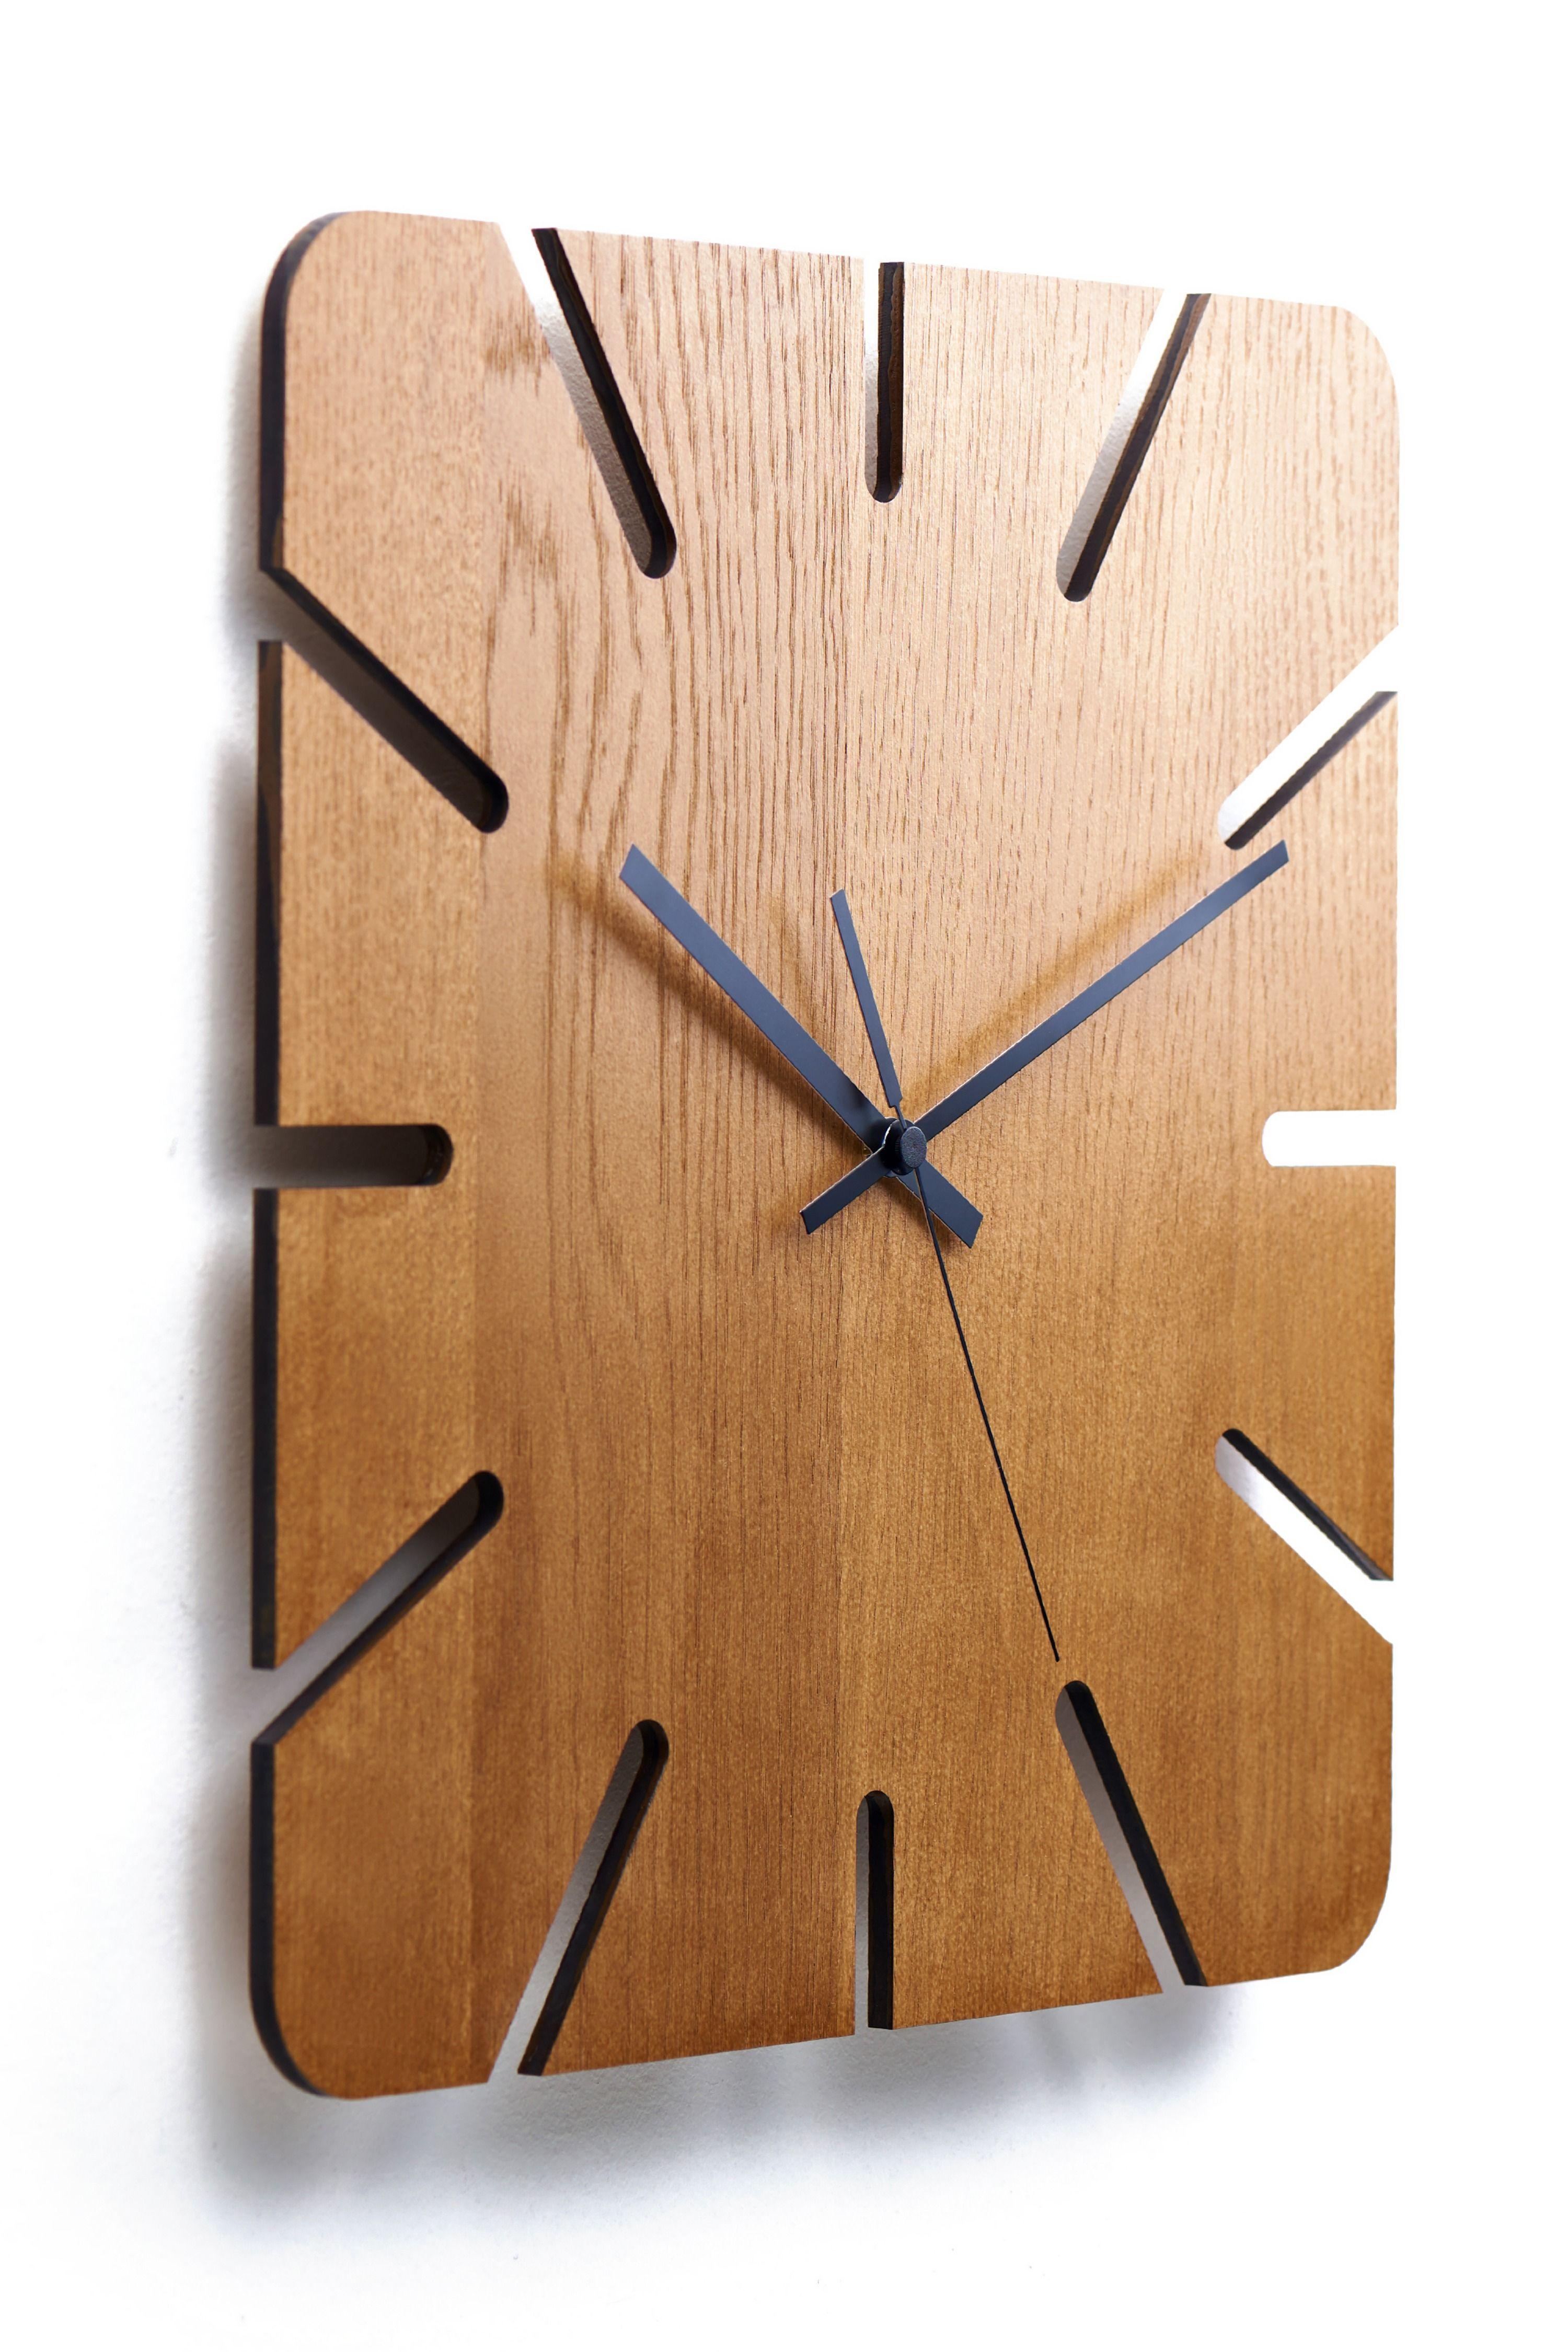 Moku Roppongi Wooden Wall Art Clock Diy Clock Wall Rustic Wall Clocks Handmade Wall Clocks